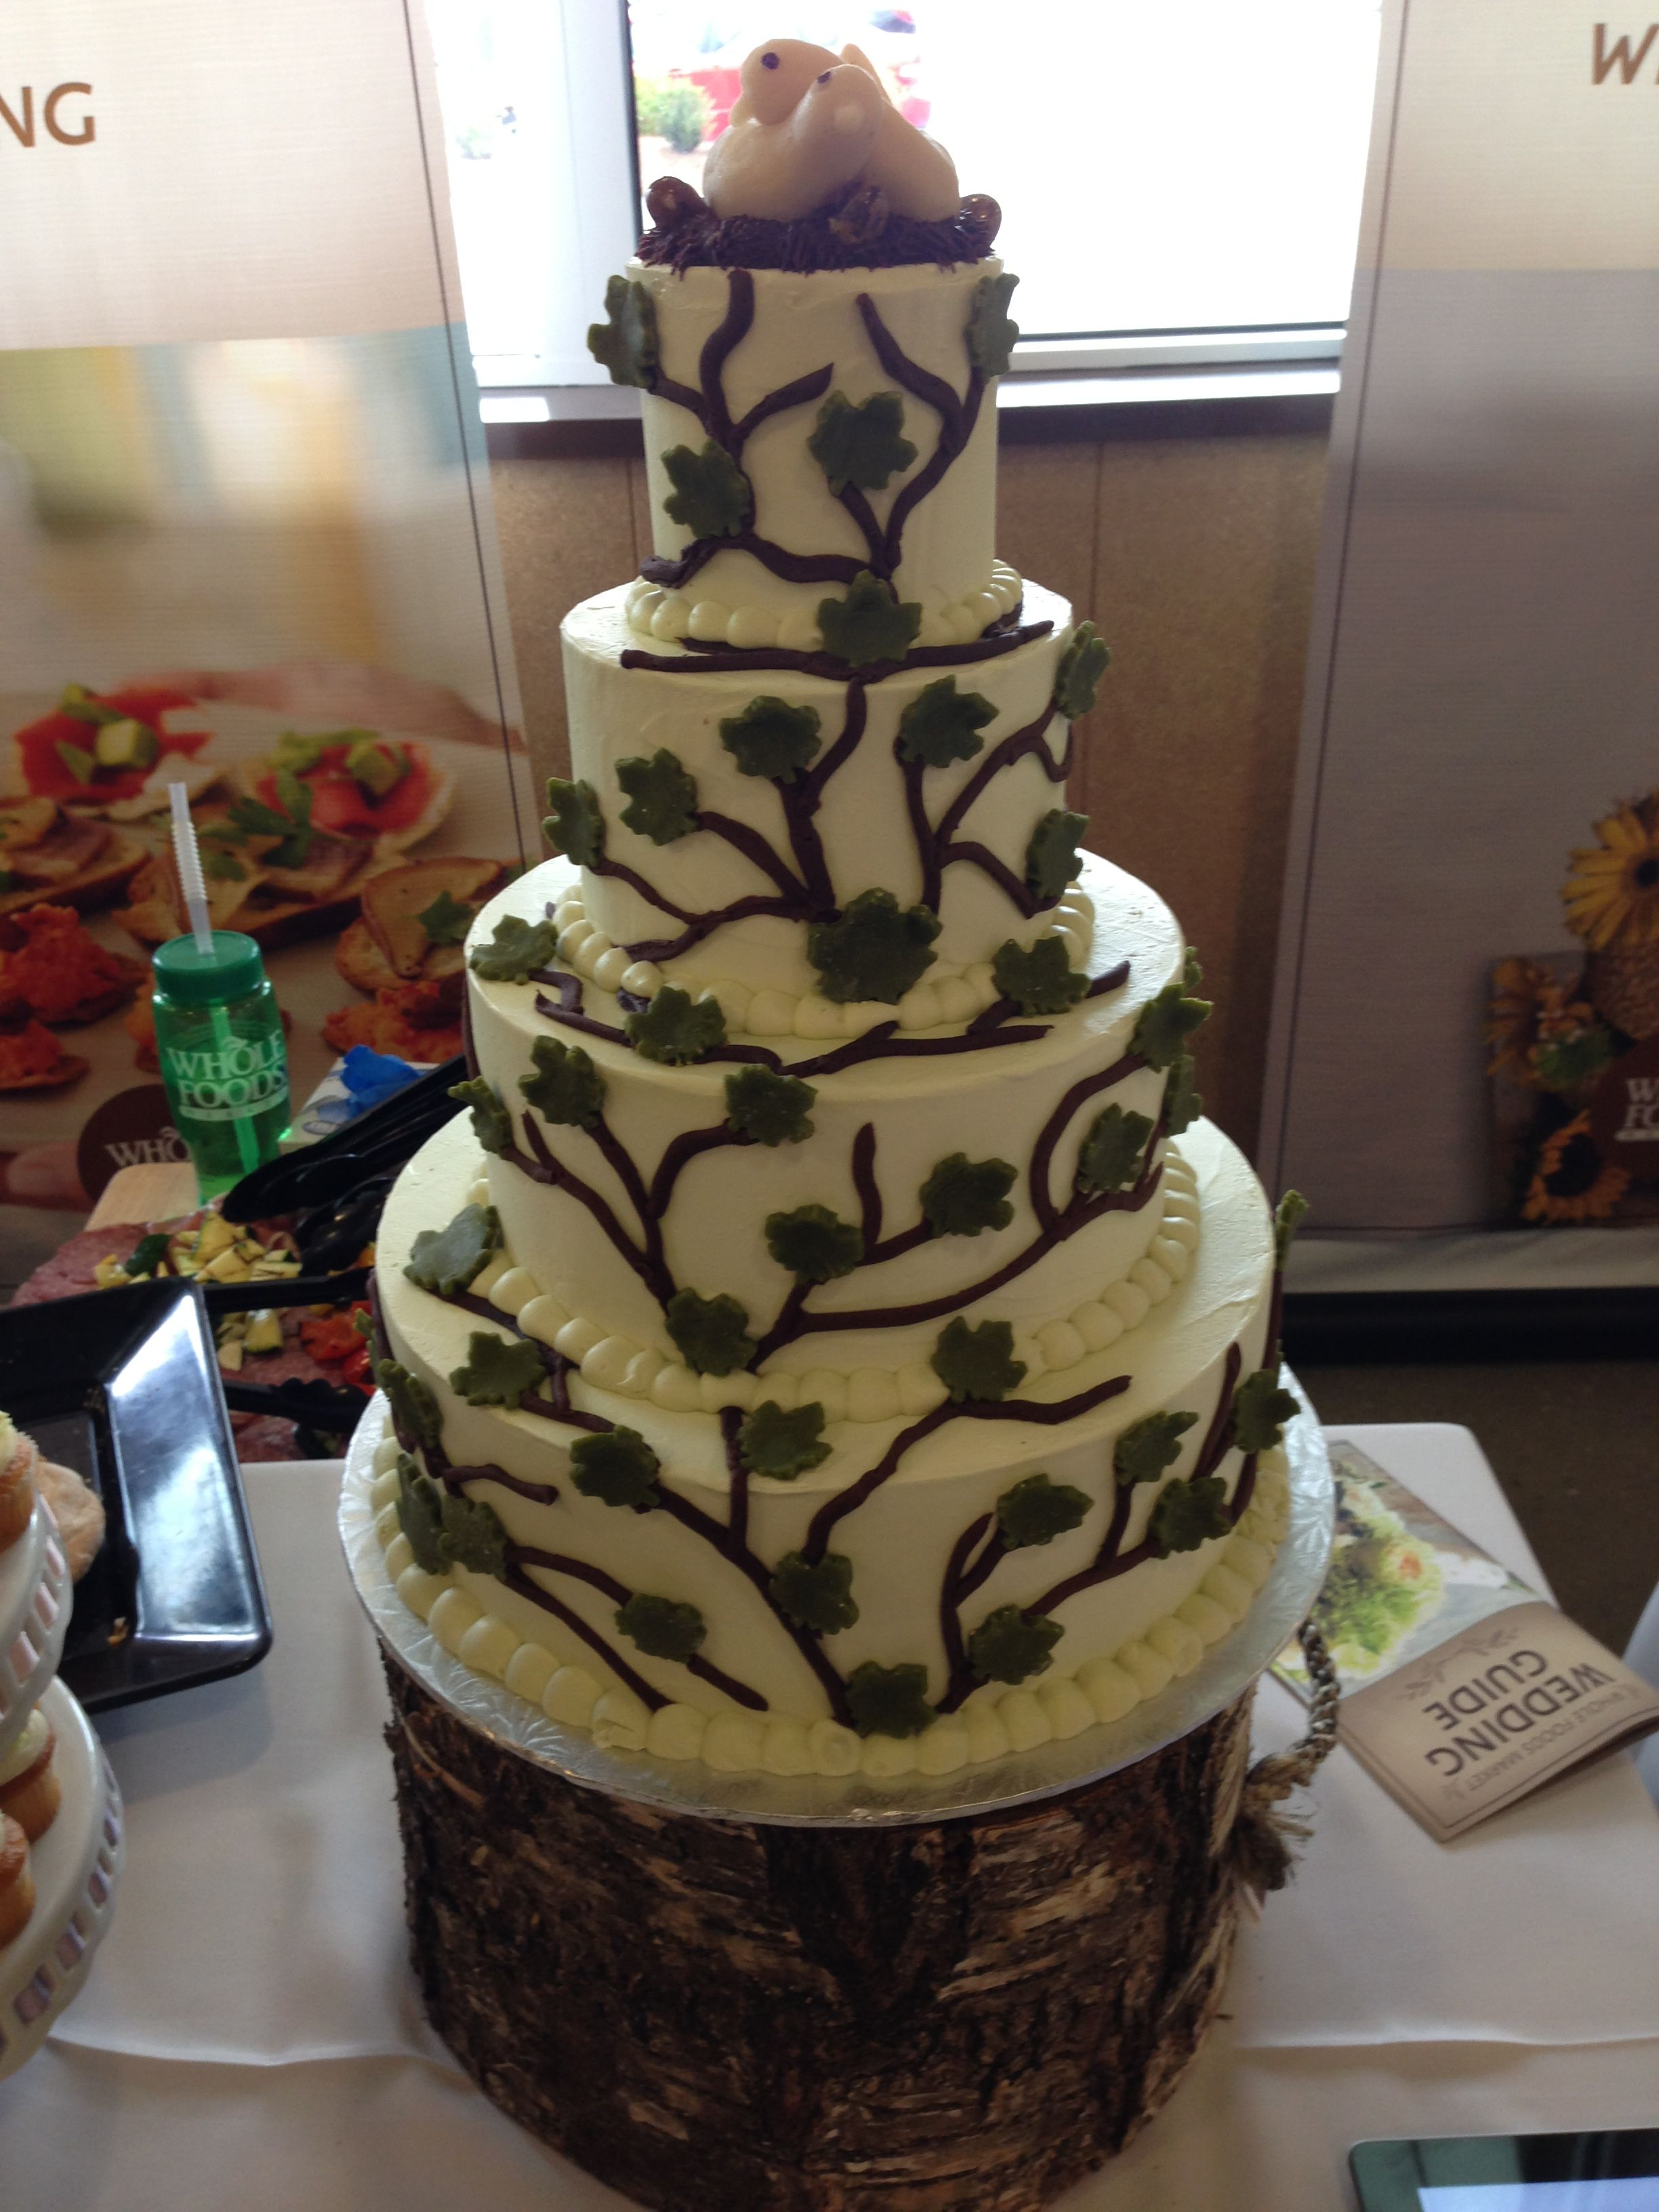 Whole Foods Market wedding cake WFM Cakes Whole food